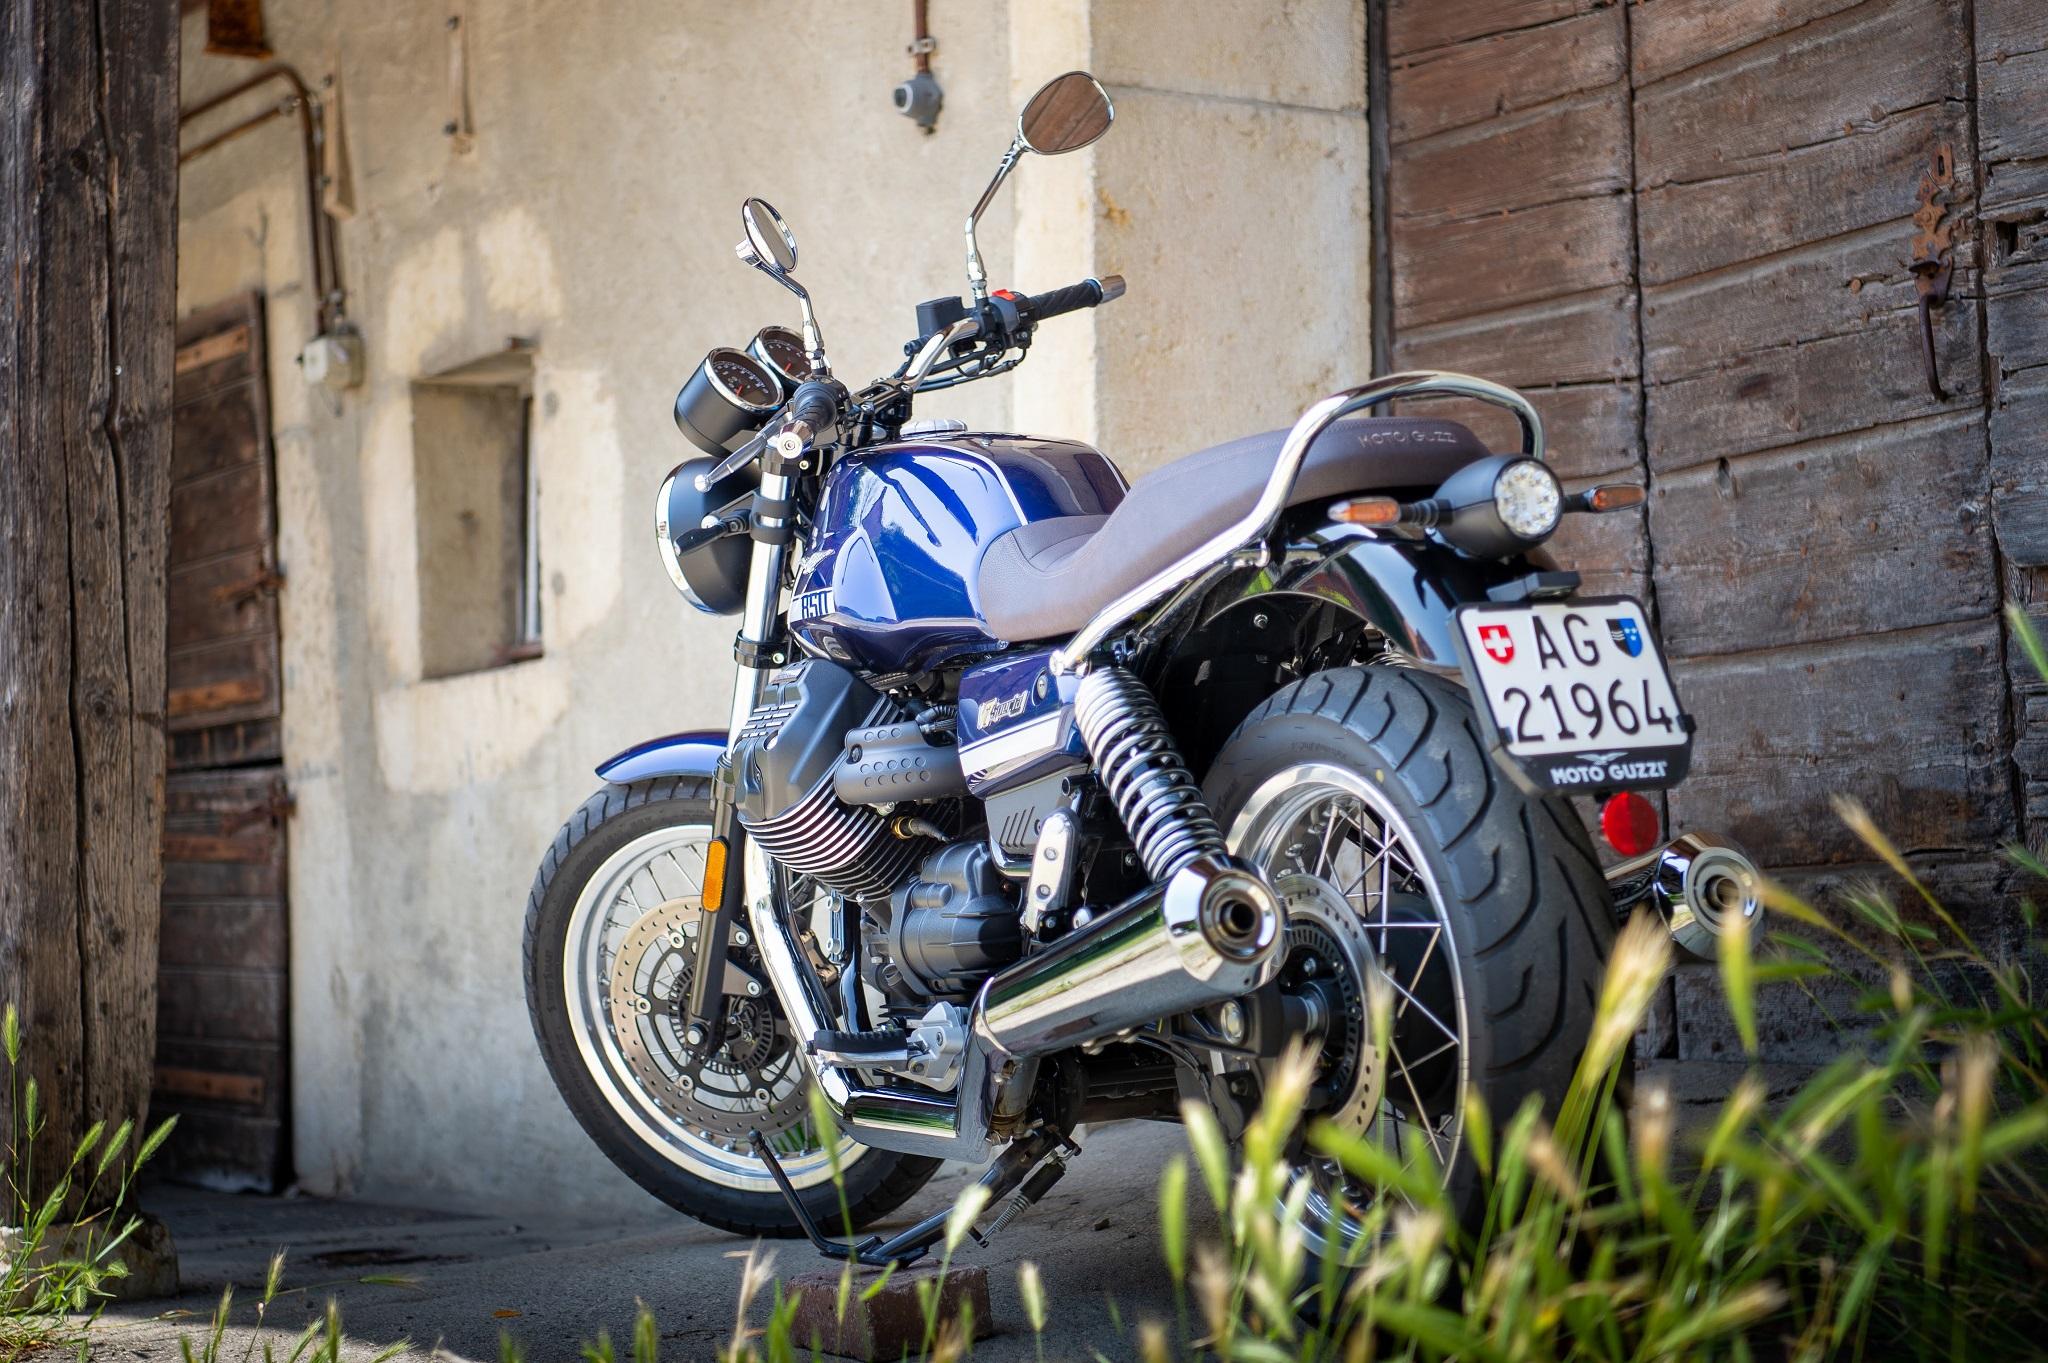 2021-06-18 Actumoto Moto Guzzi V7 Special 039 Final Big